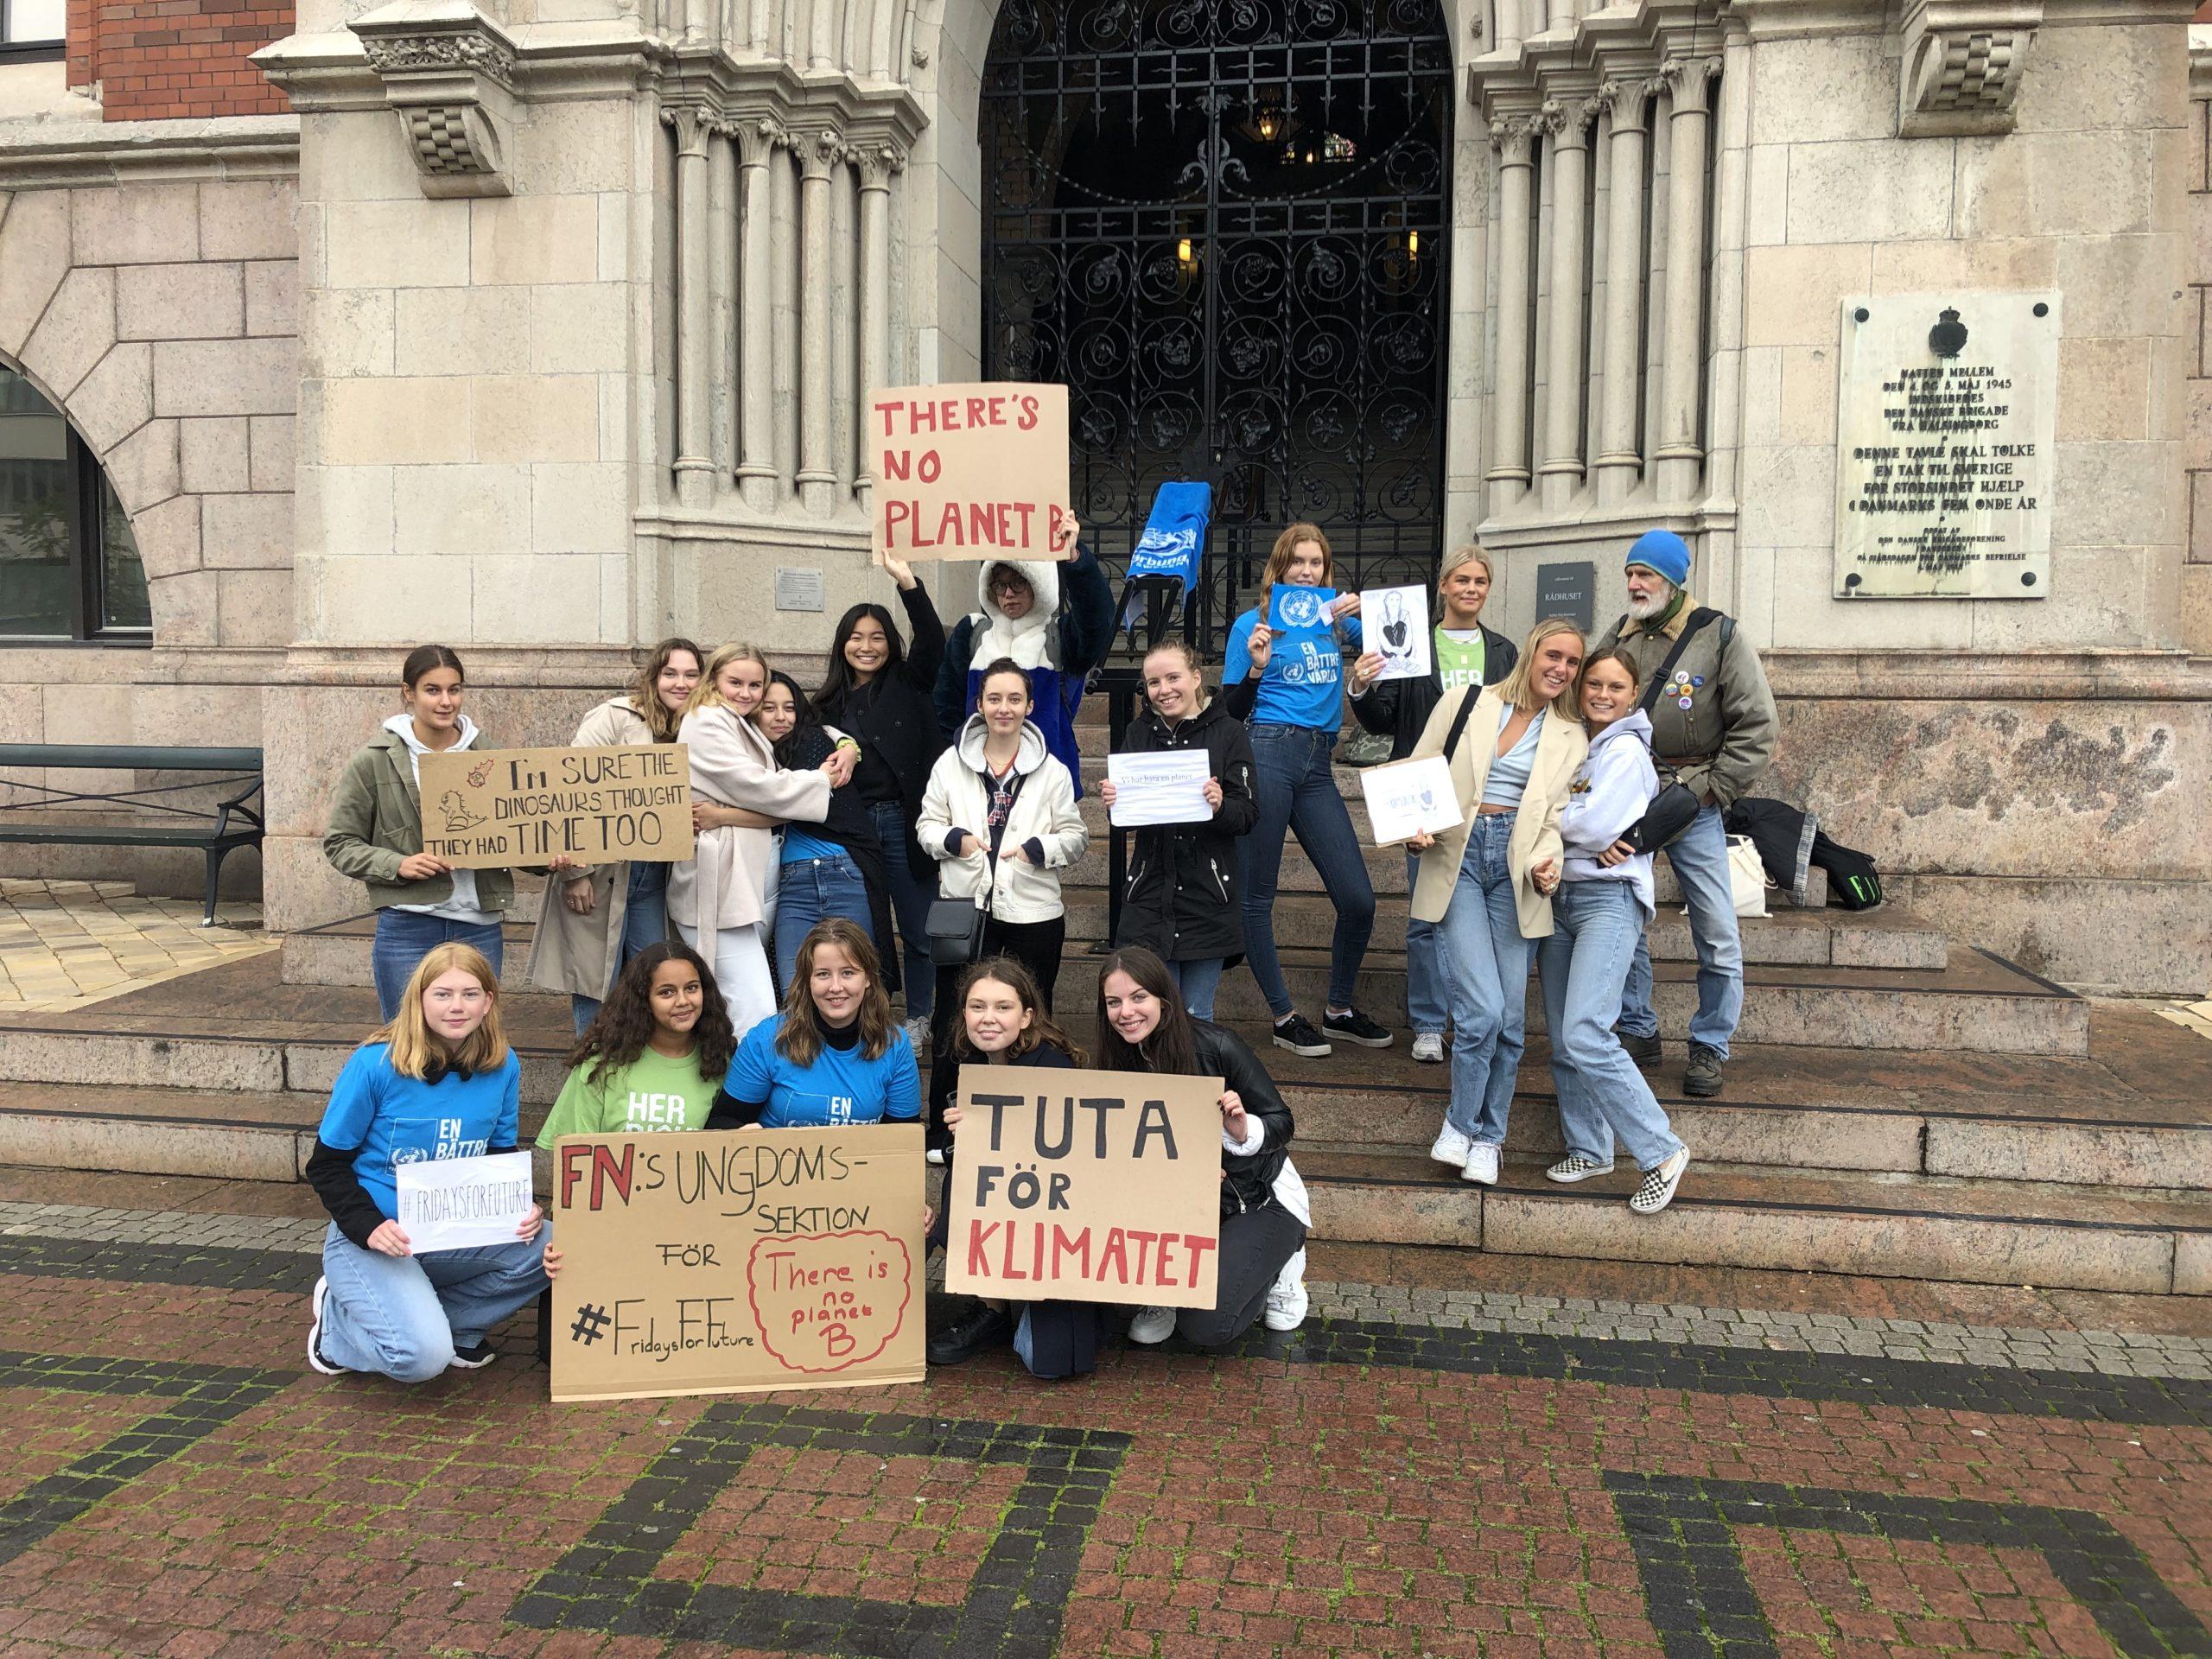 FN-föreningen anordnade klimatstrejk utanför Helsingborgs Rådhus.